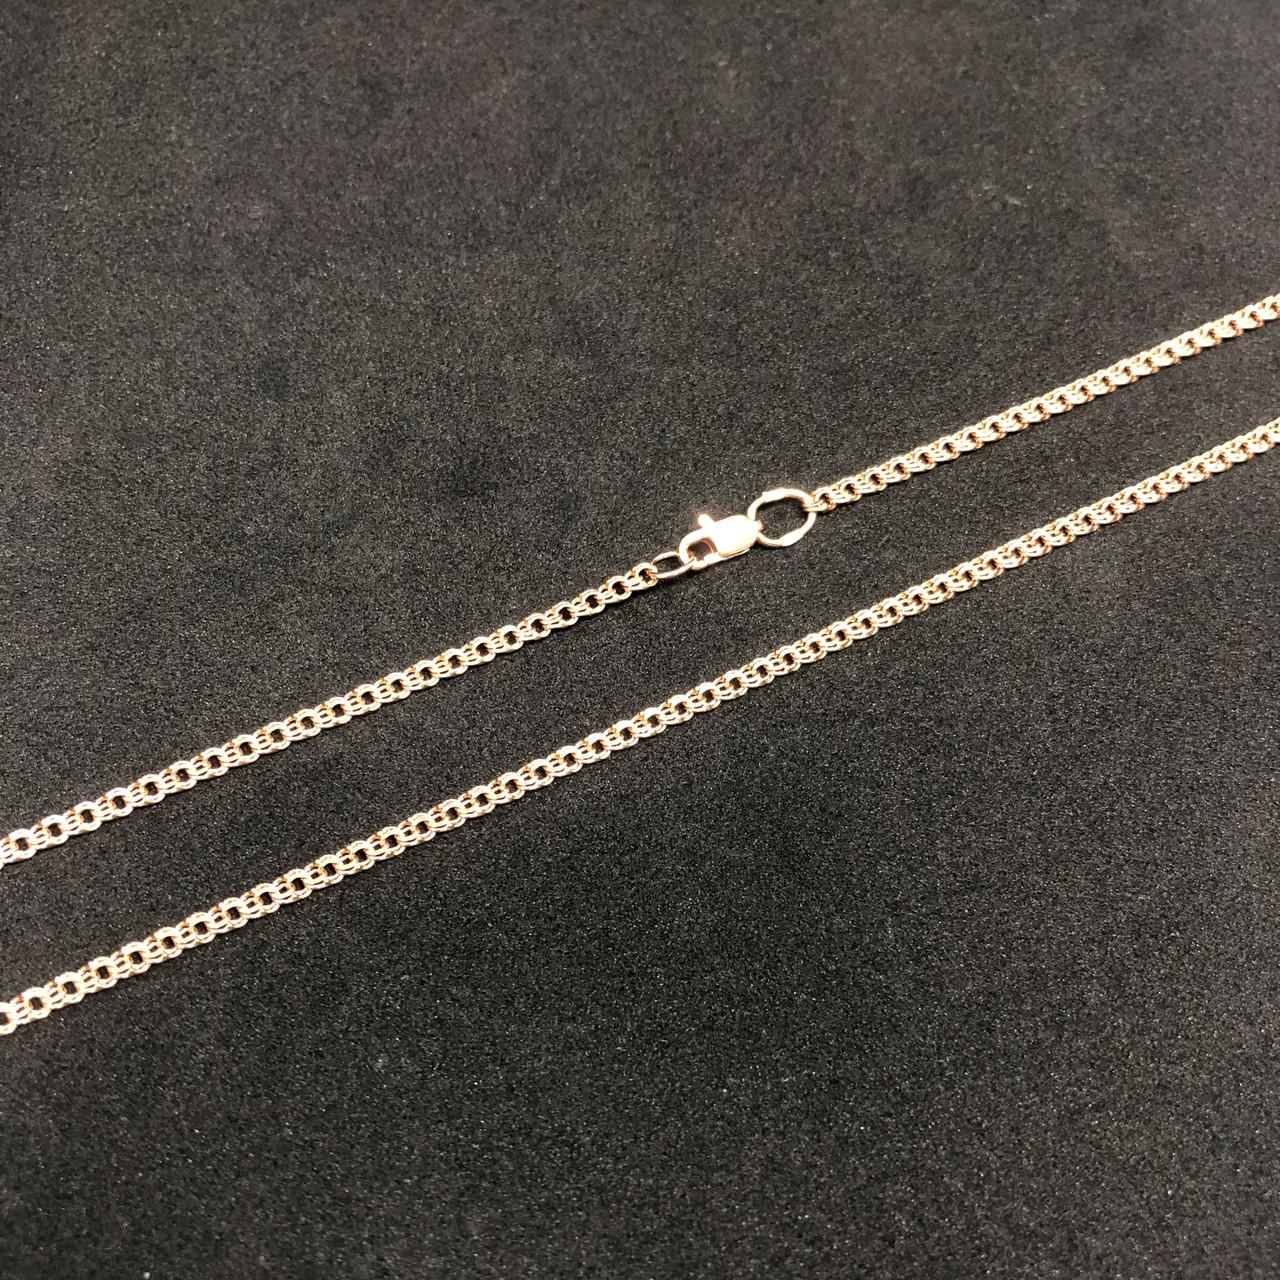 Золотая цепочка Б/У на шею 585 пробы, плетение бисмарк , вес 6,56 г